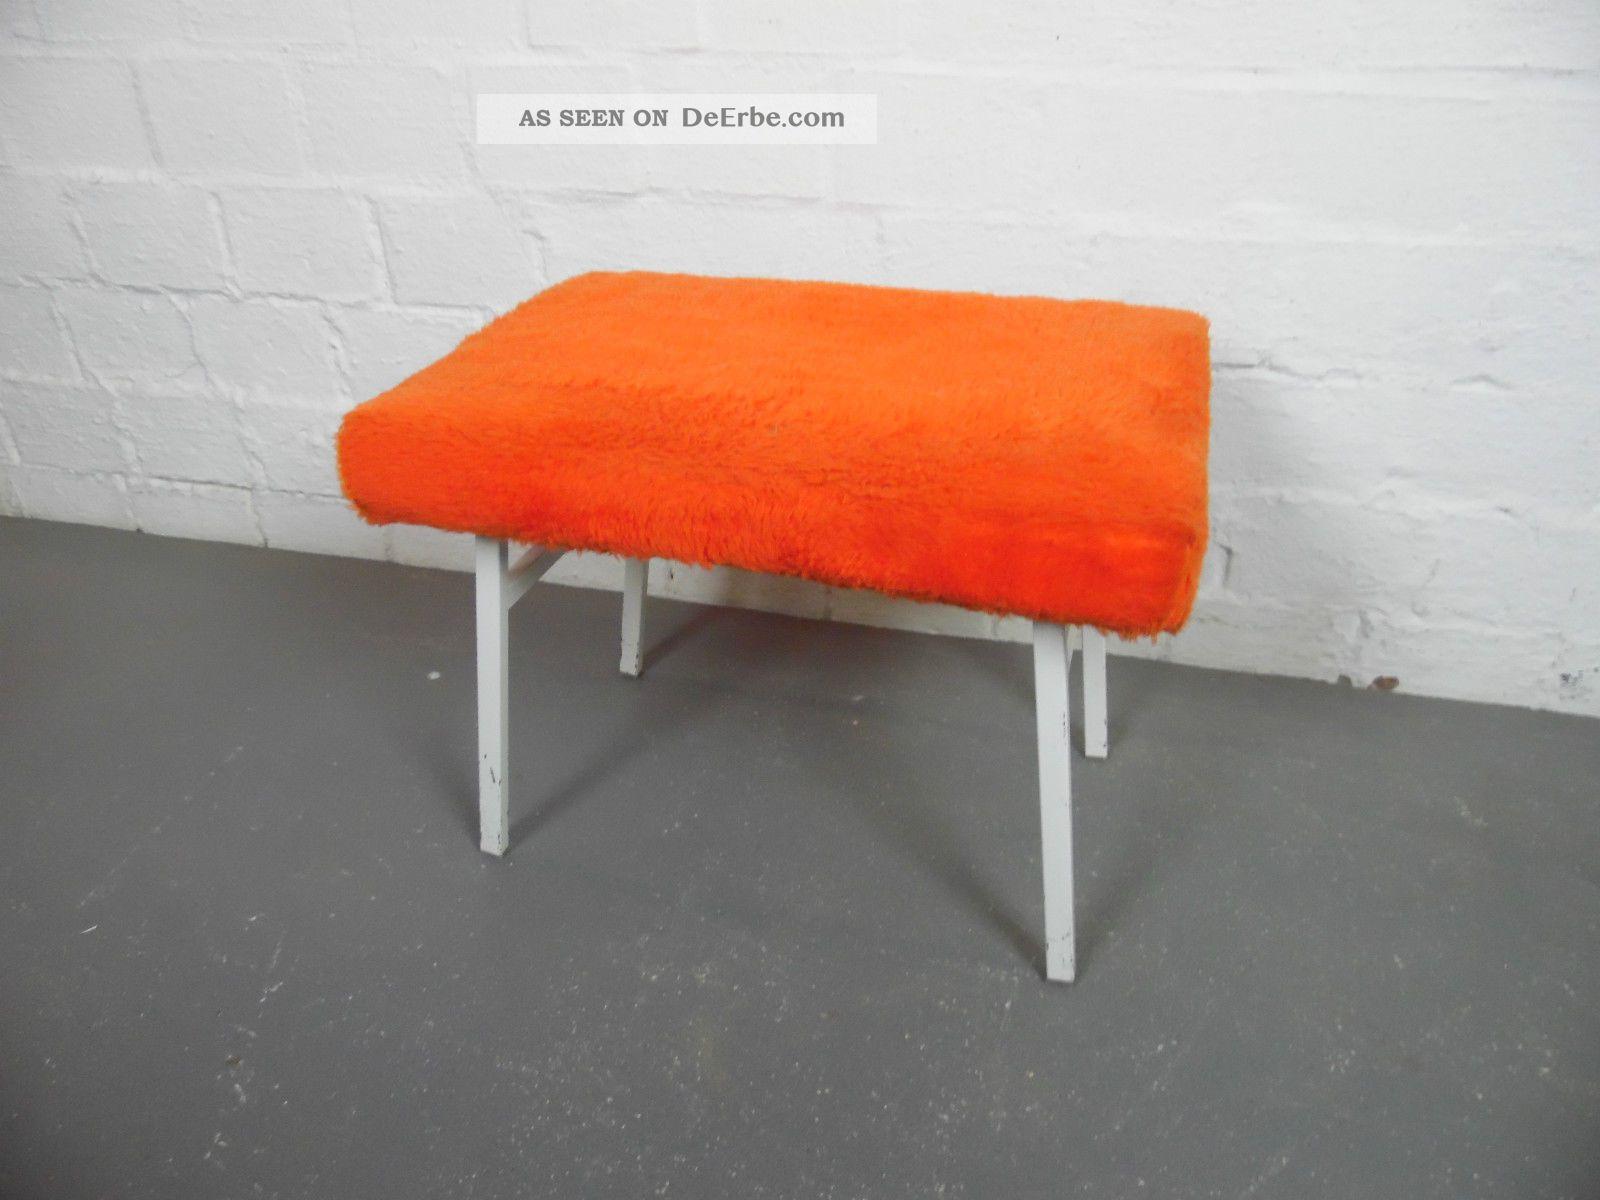 hocker tritt beautiful antiker hocker tritt um antiker hocker kaufen with hocker tritt free. Black Bedroom Furniture Sets. Home Design Ideas